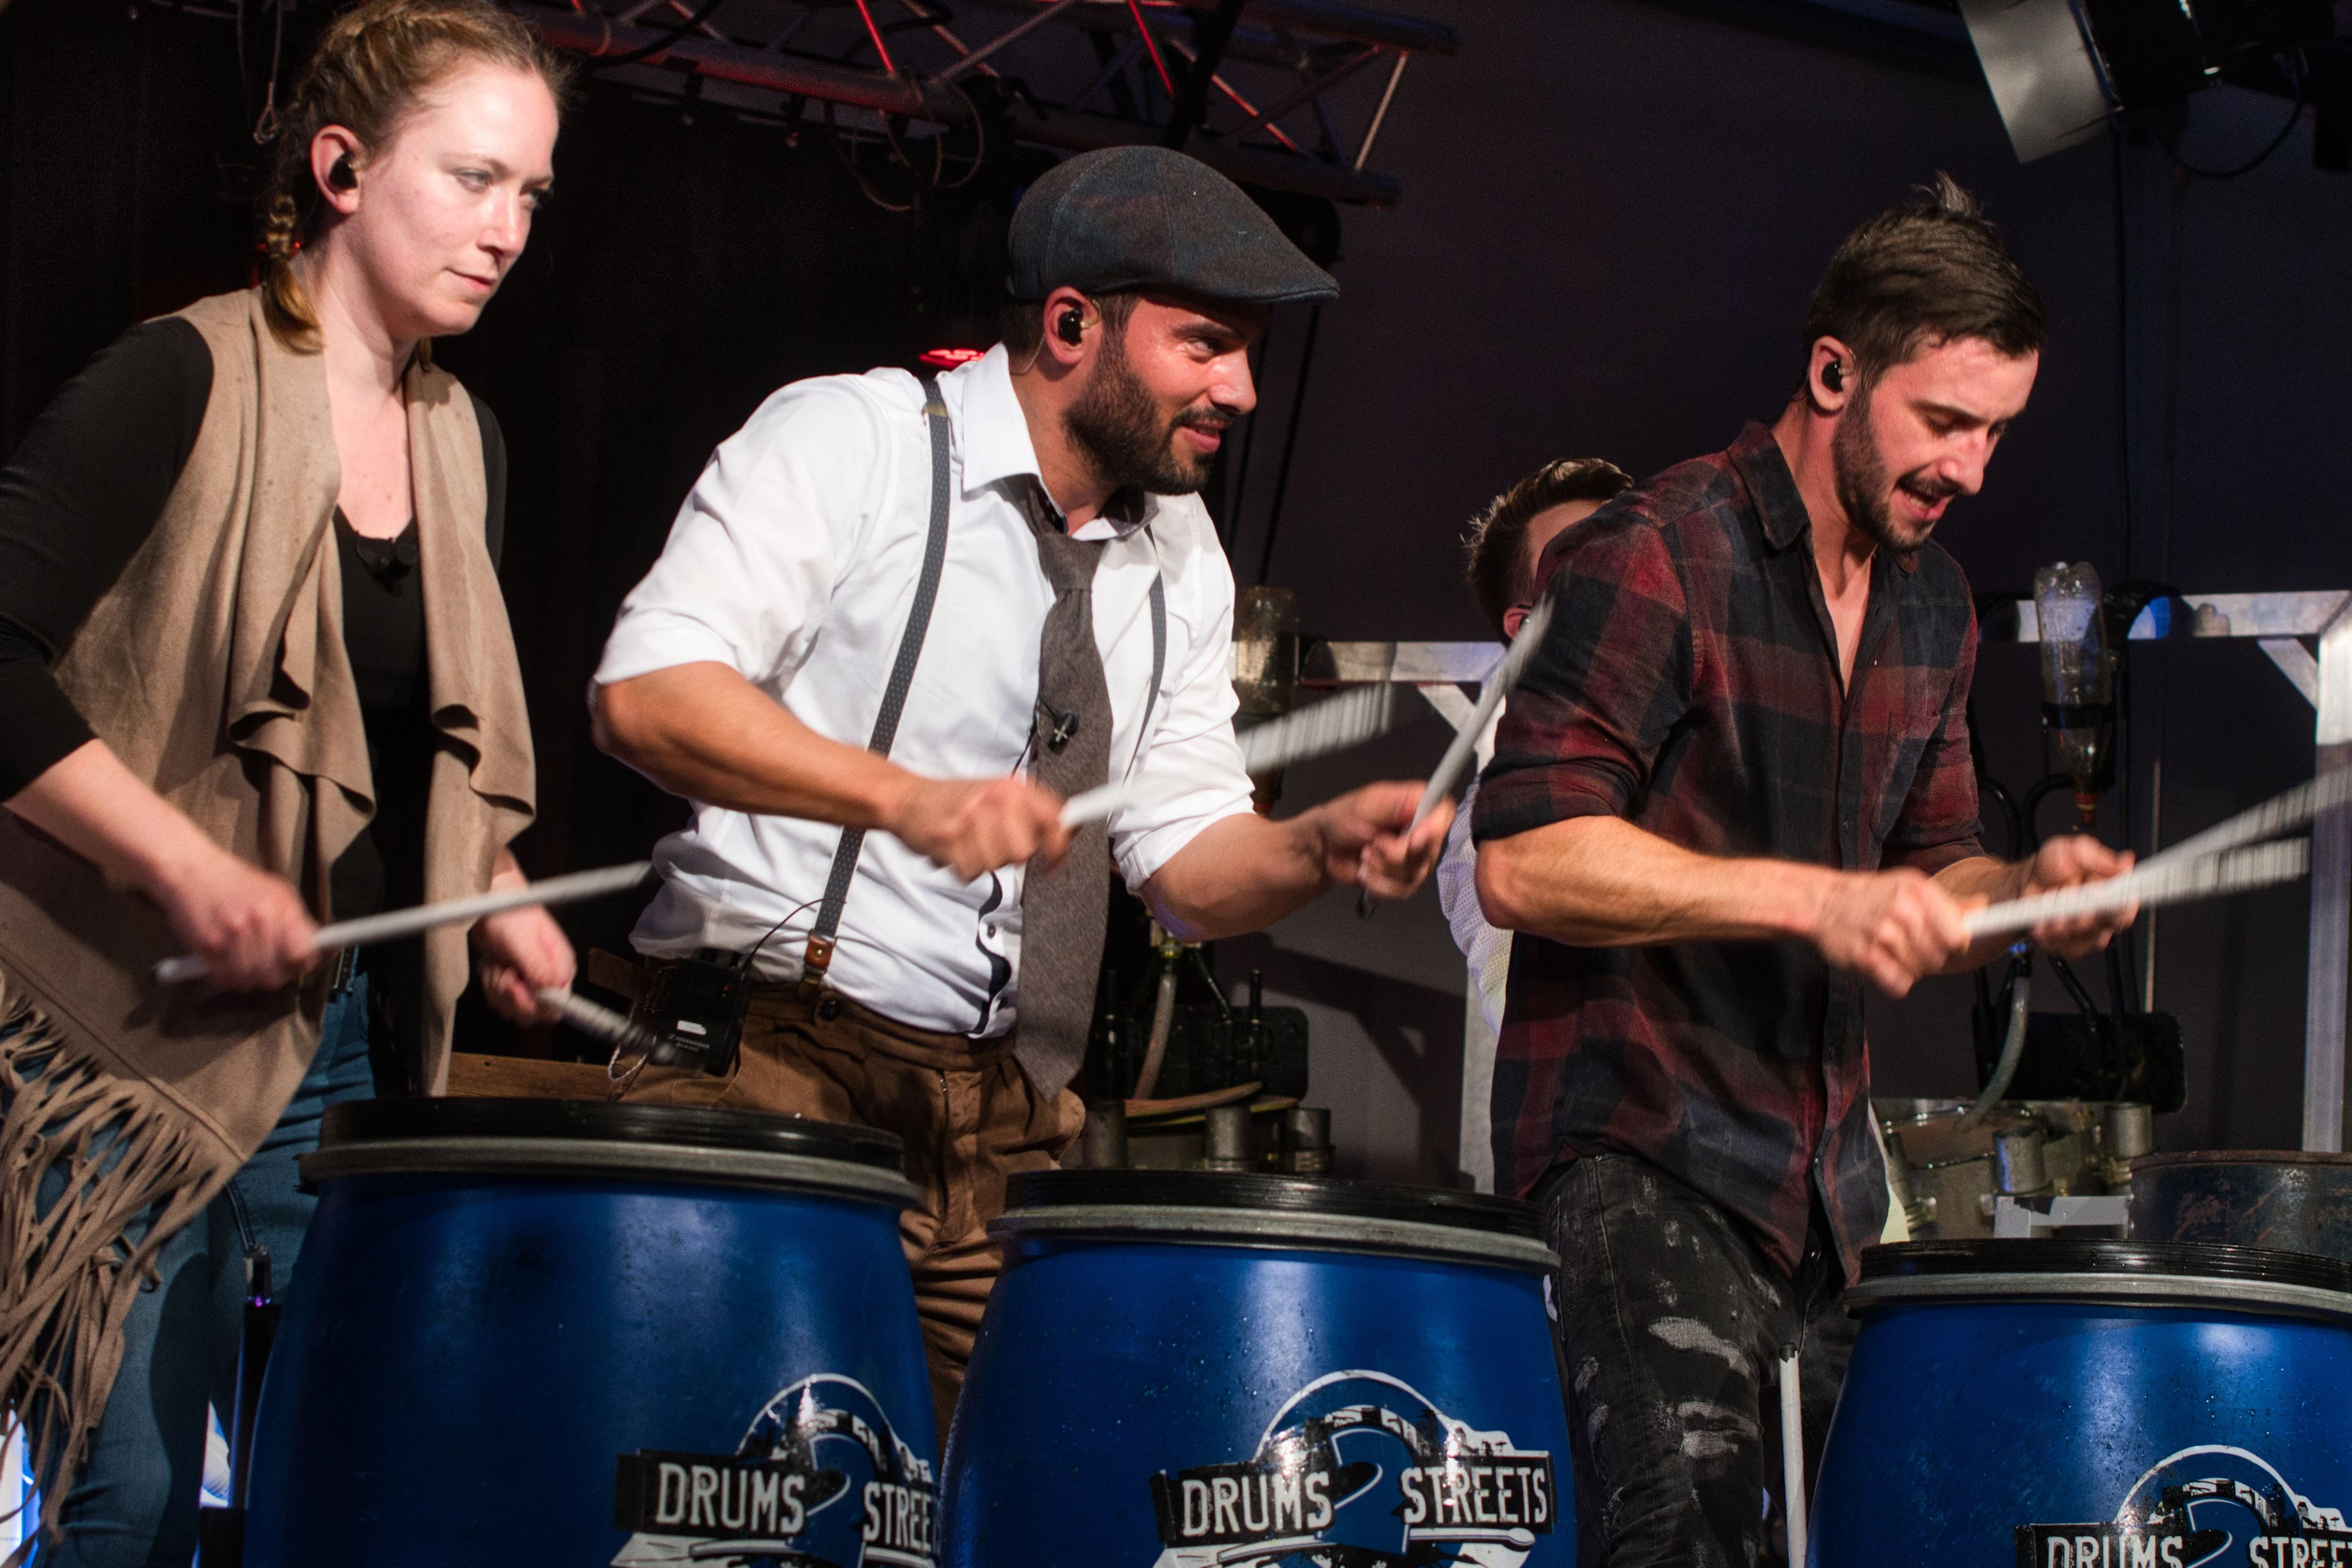 Die Formation Drums2Street begeistern mit ihren Trommelrhythmen die Besucher im Kulturforum.